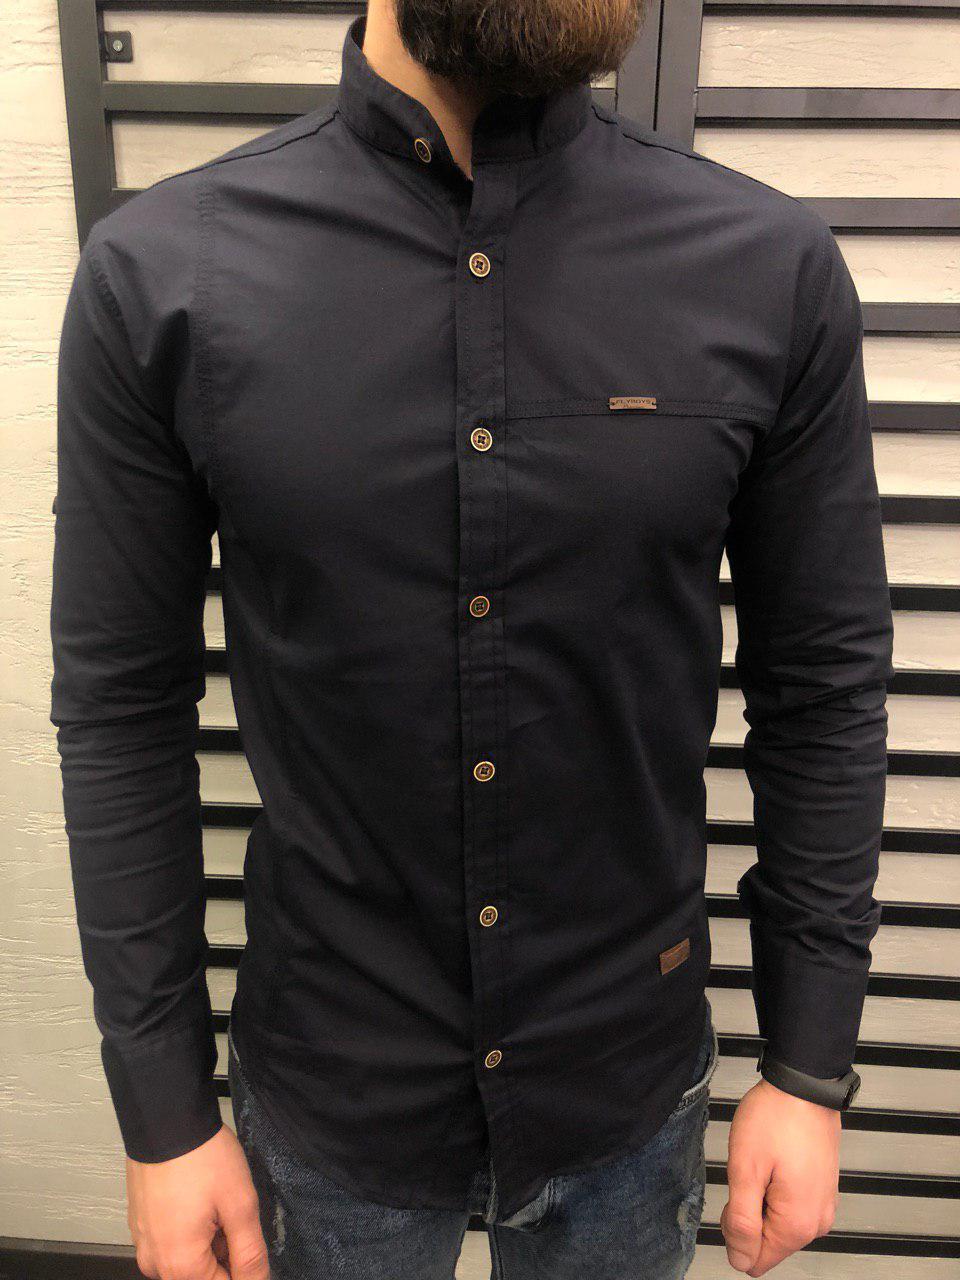 d476a537292 Рубашка приталенная мужская черная с воротником стойка - Интернет-магазин  обуви и одежды KedON в